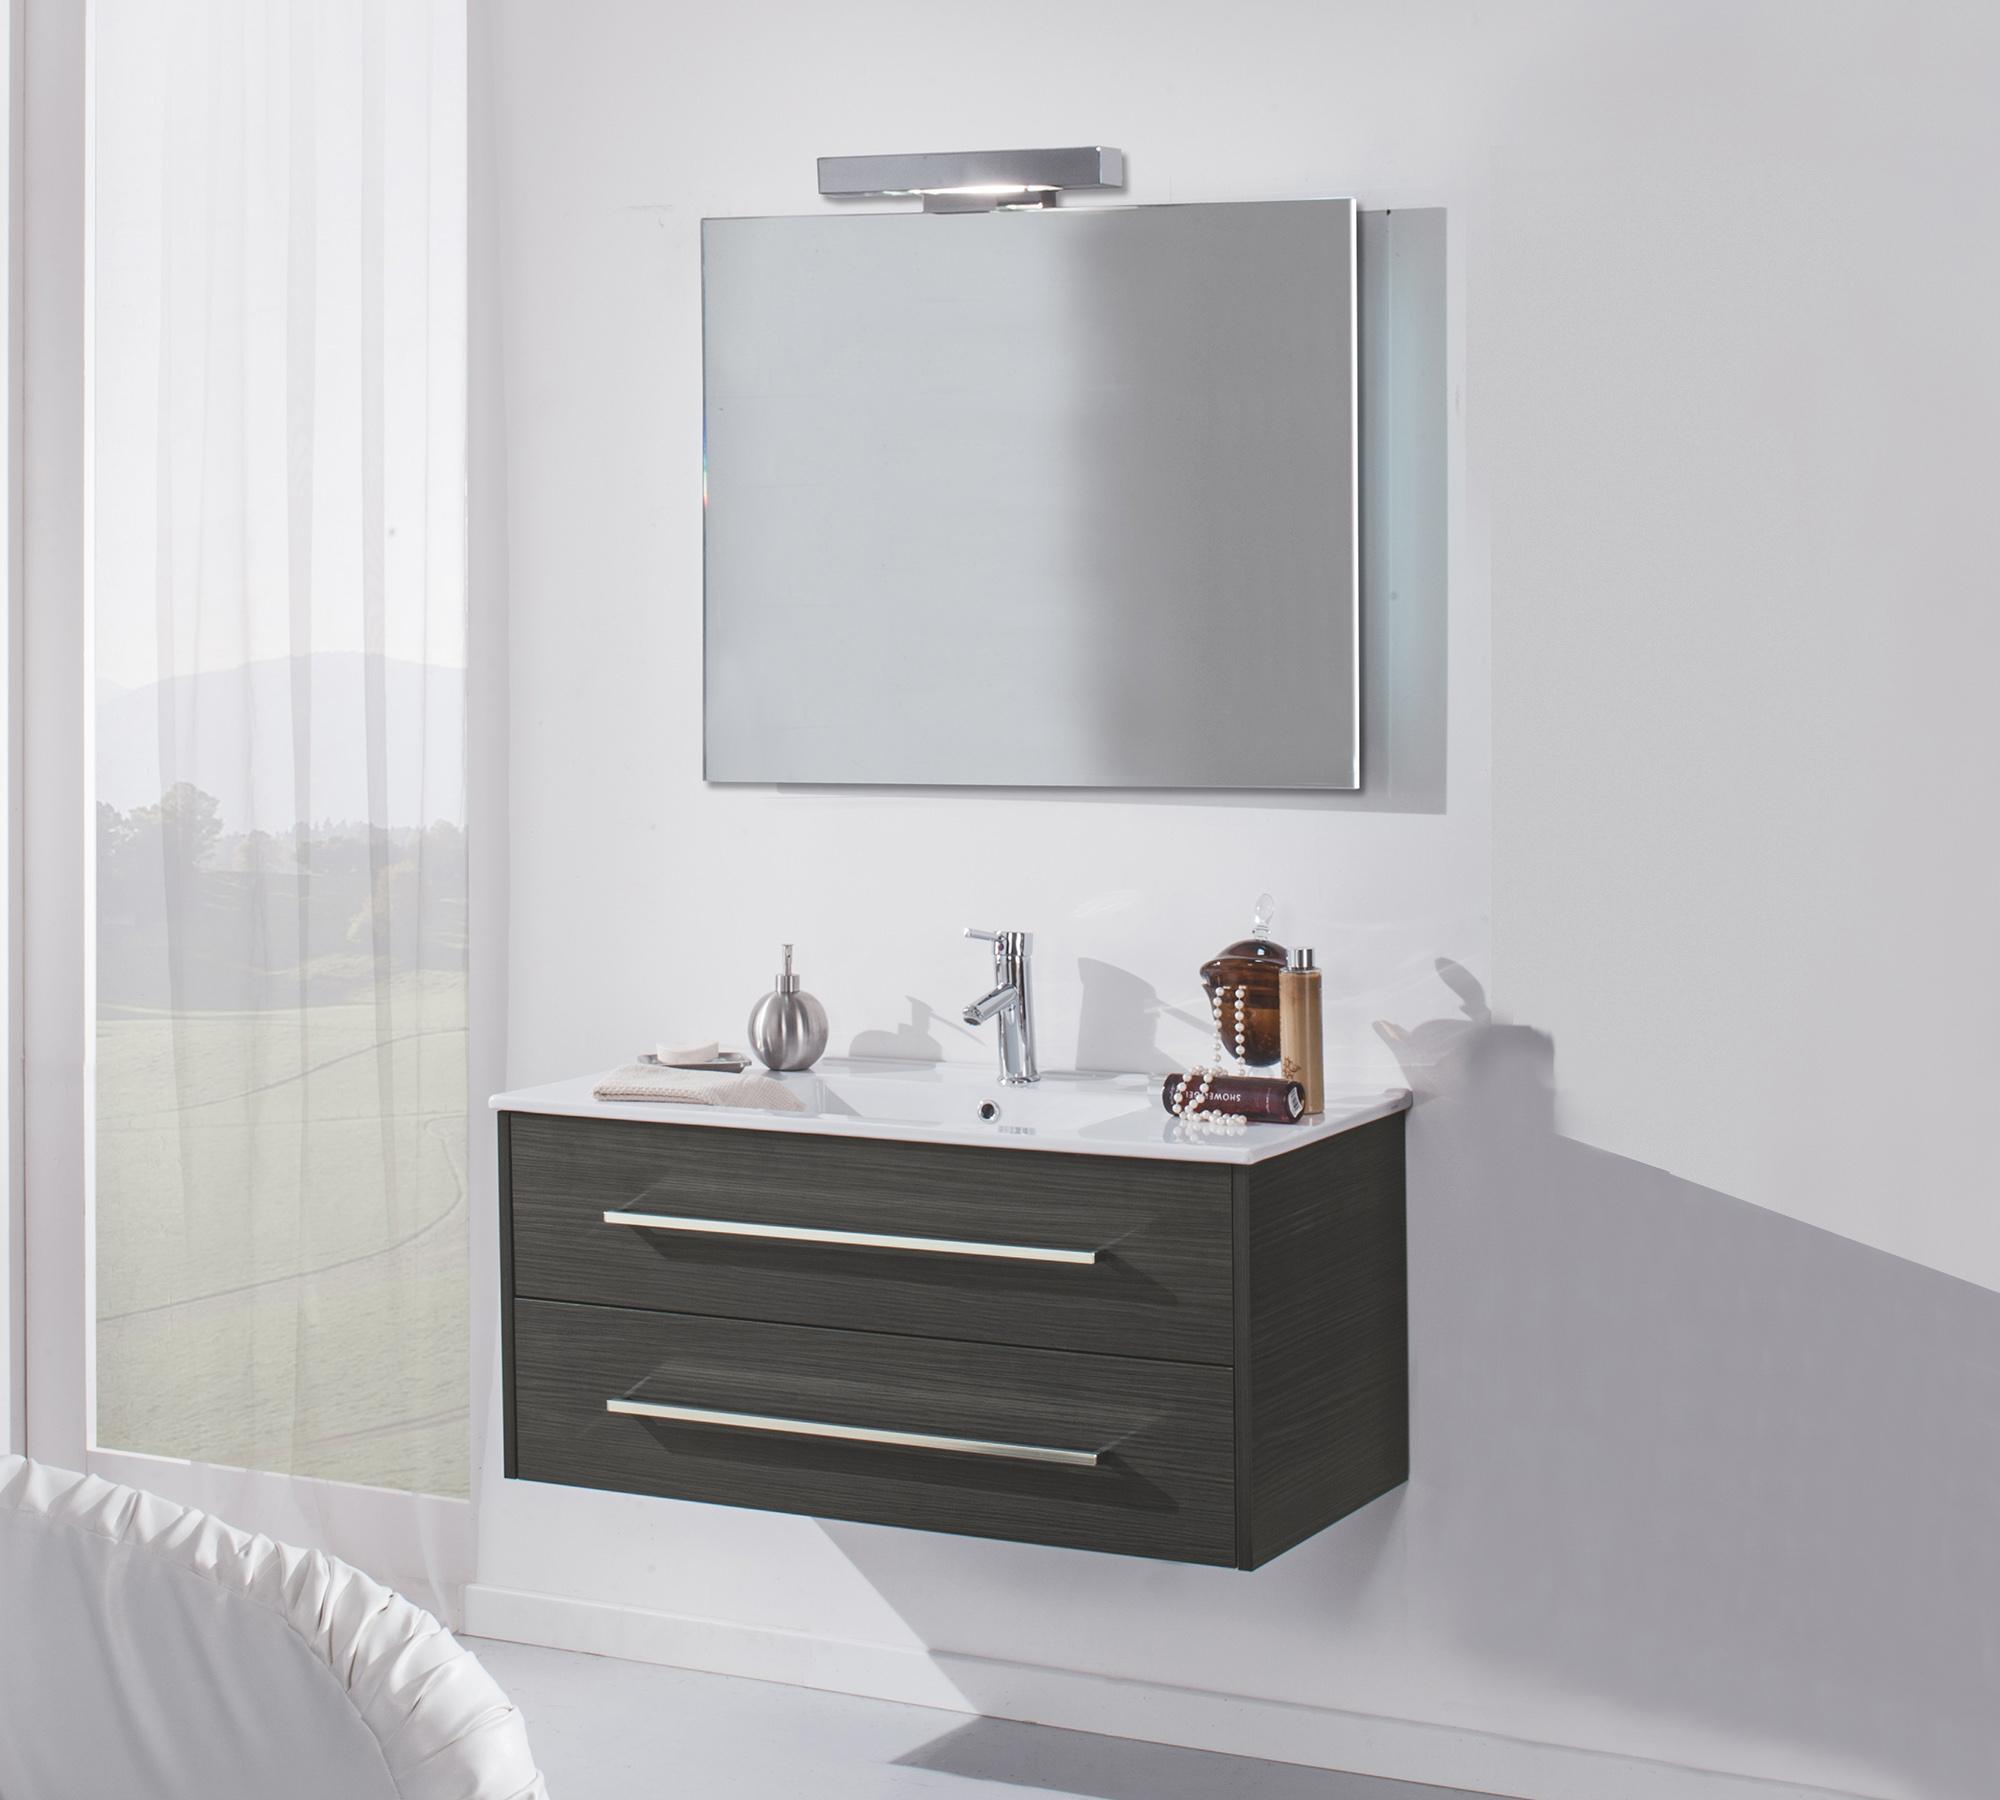 Arredo bagno moderno color lava duzzle for Maniglie mobili bagno